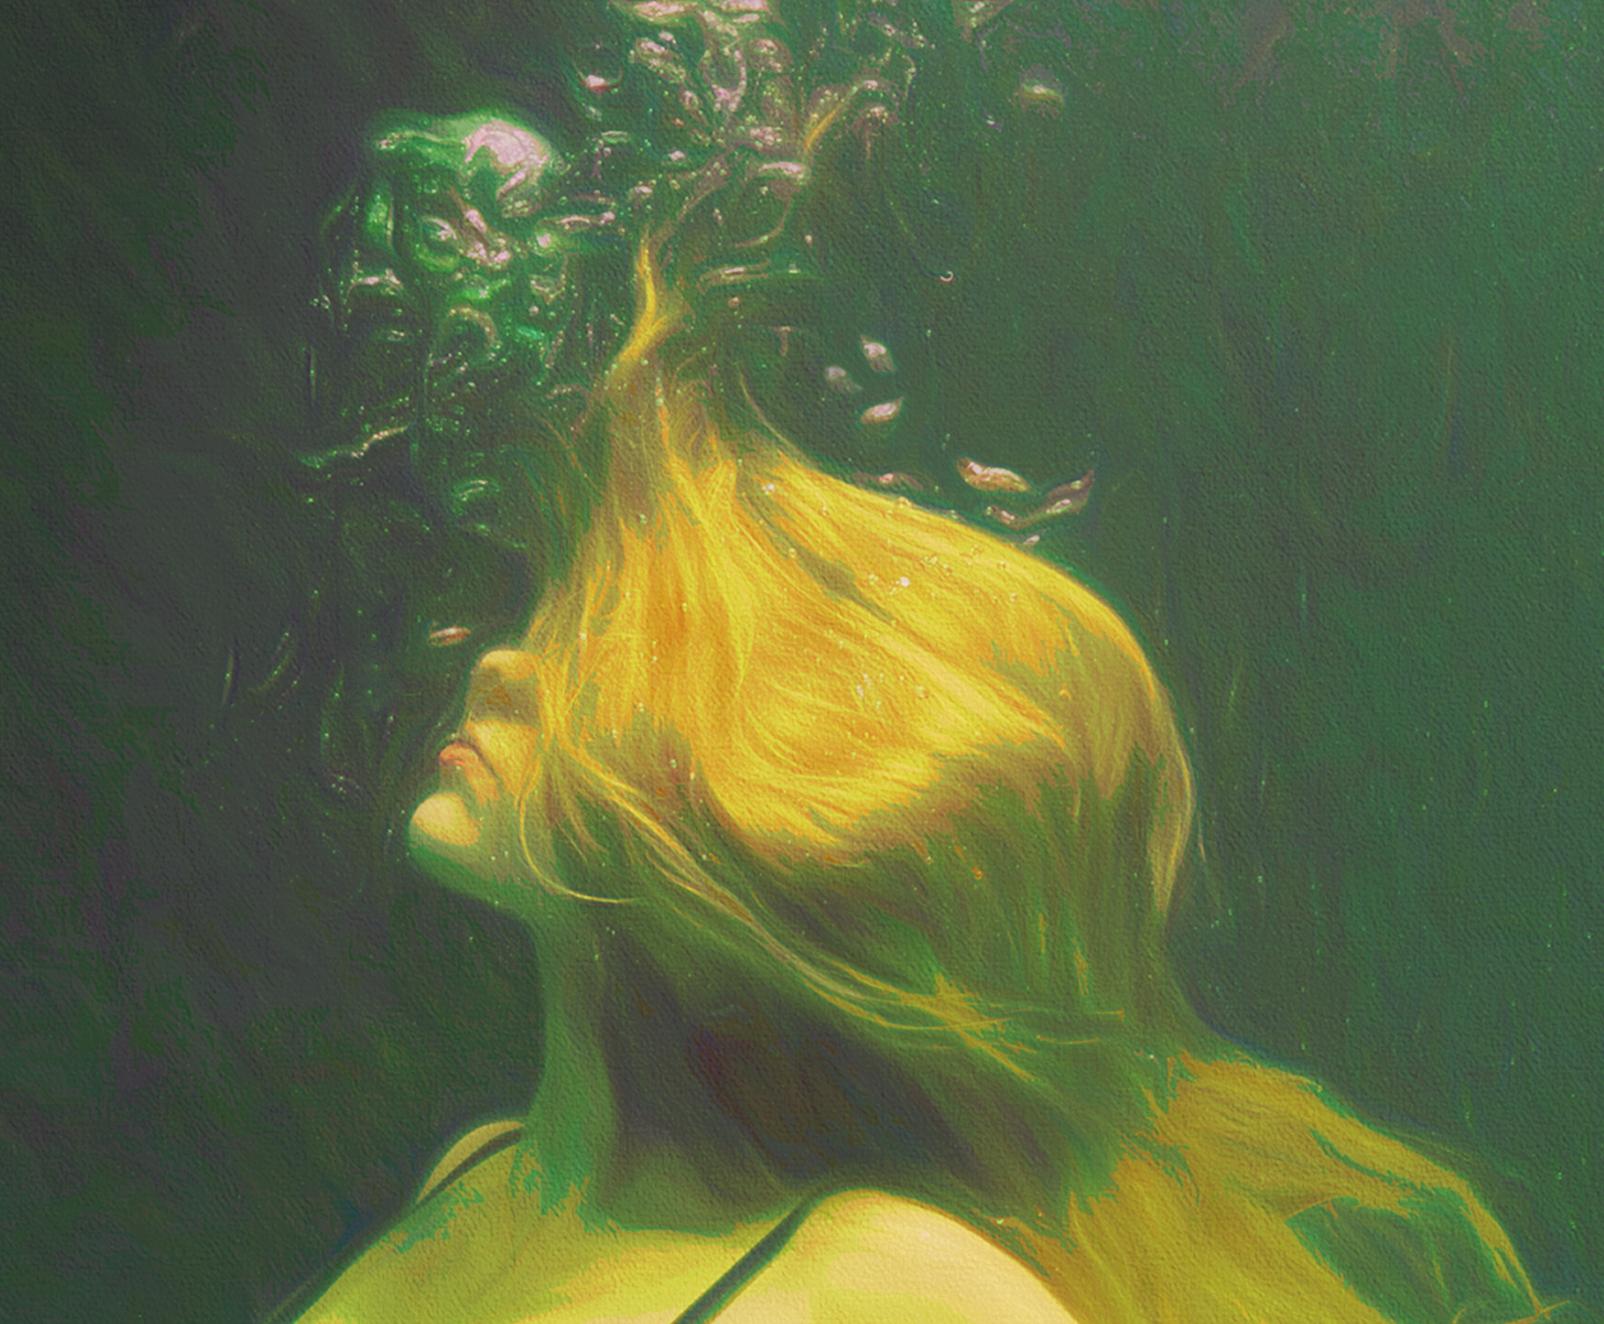 mermaid_okUSLettergoforcropsppflat.jpg